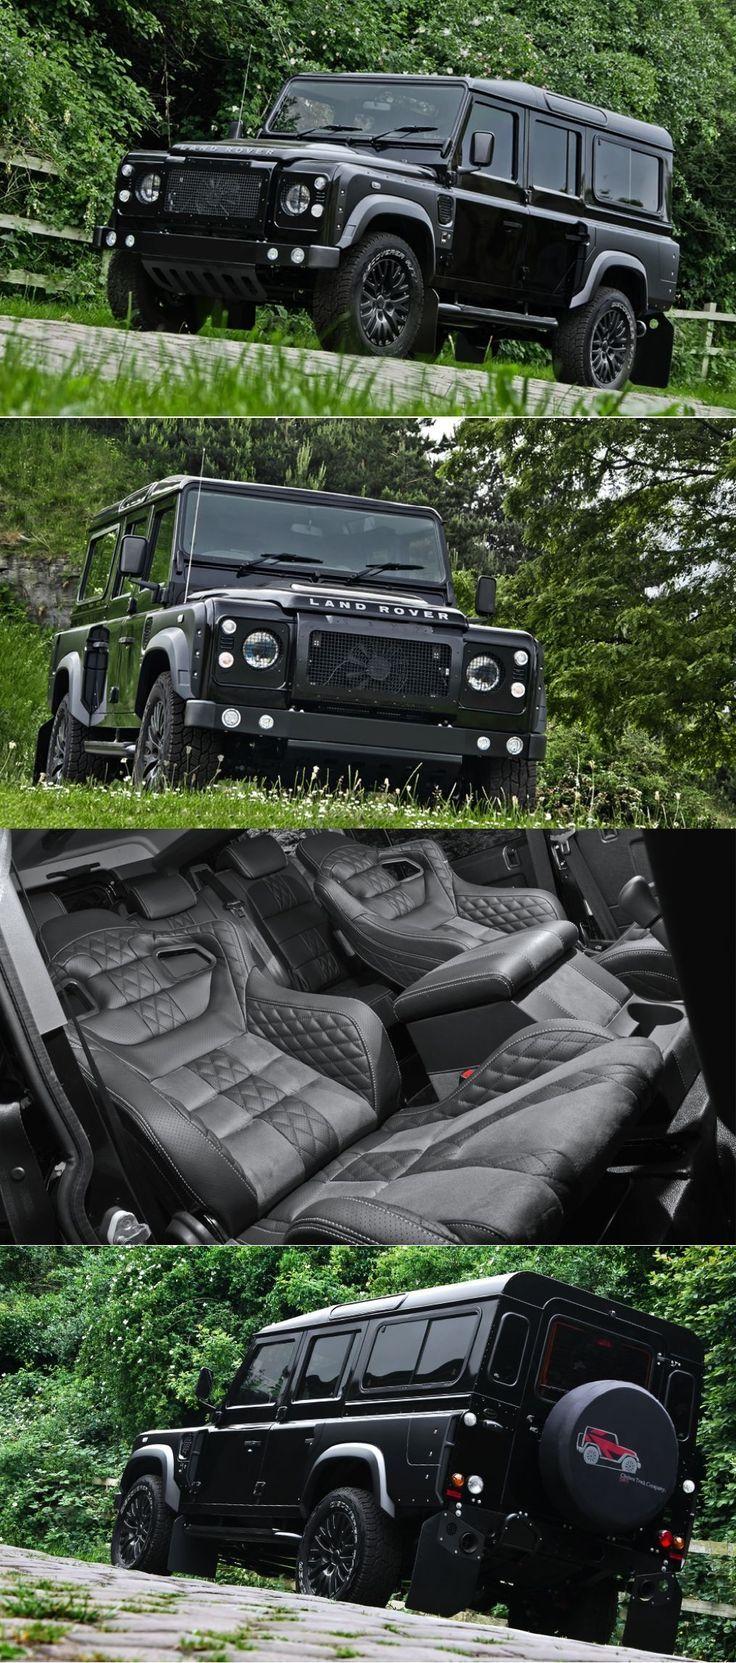 345081f548478dde6d57973d613429ae Jpg 736 1663 Land Rover Land